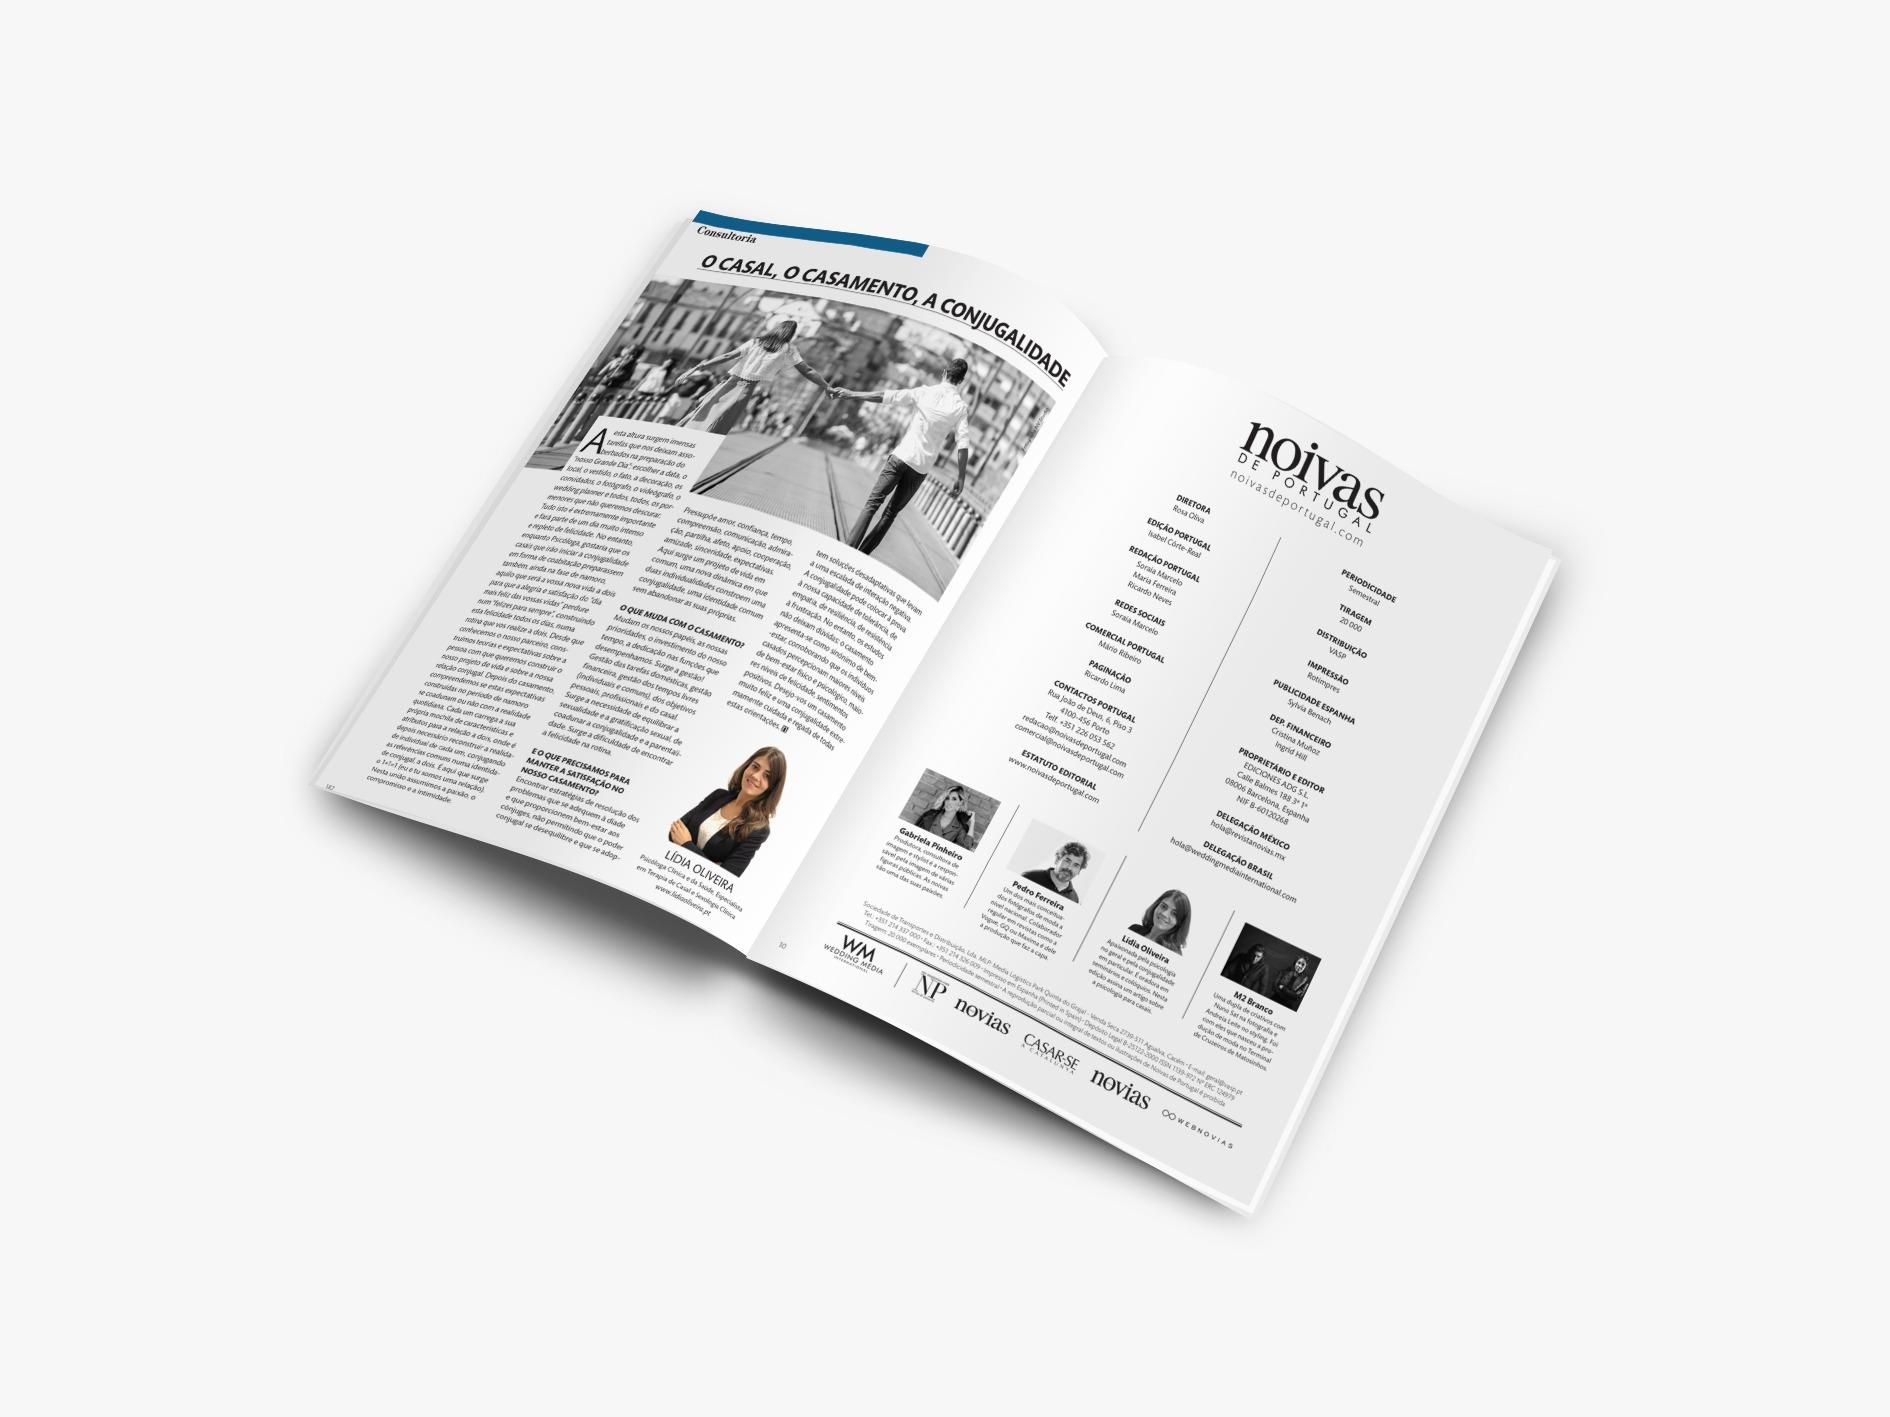 Noivos de 2020? Já leram a nova edição das Noivas de Portugal?